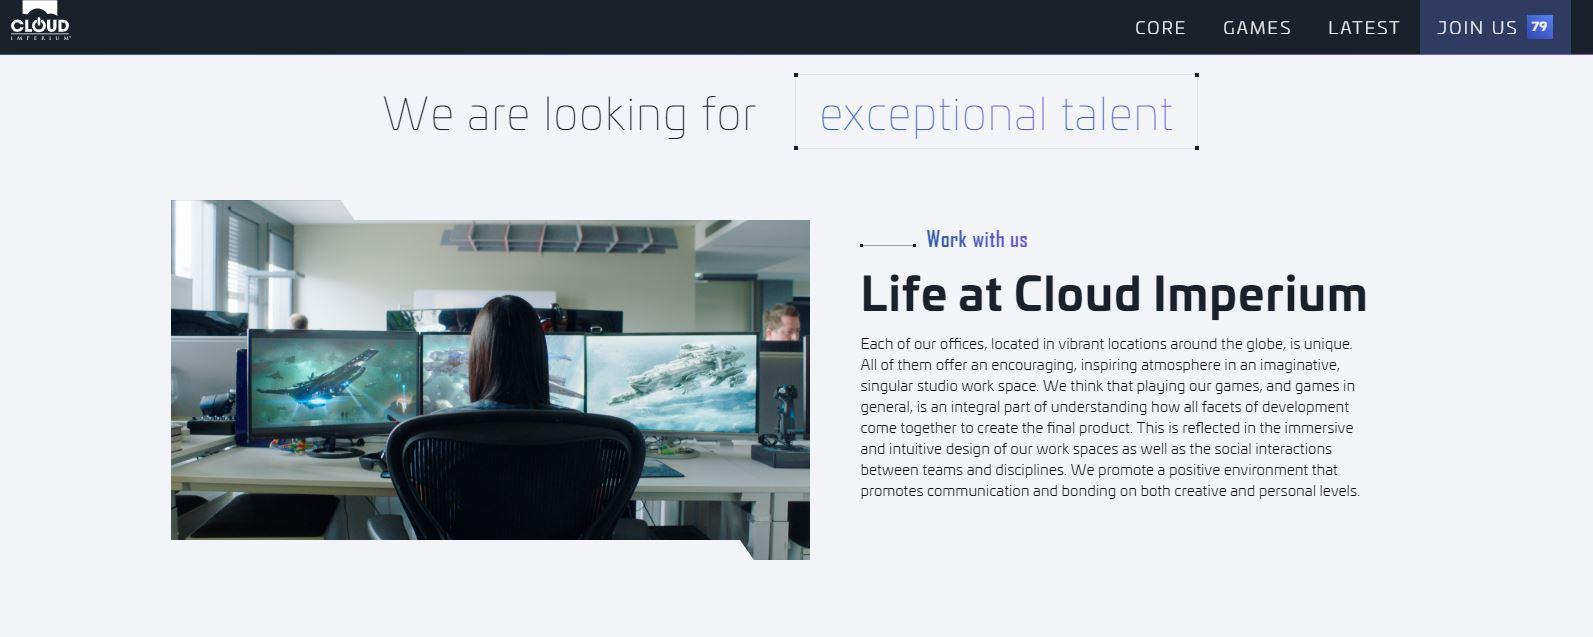 CloudImperiumGames CorporateWebsite